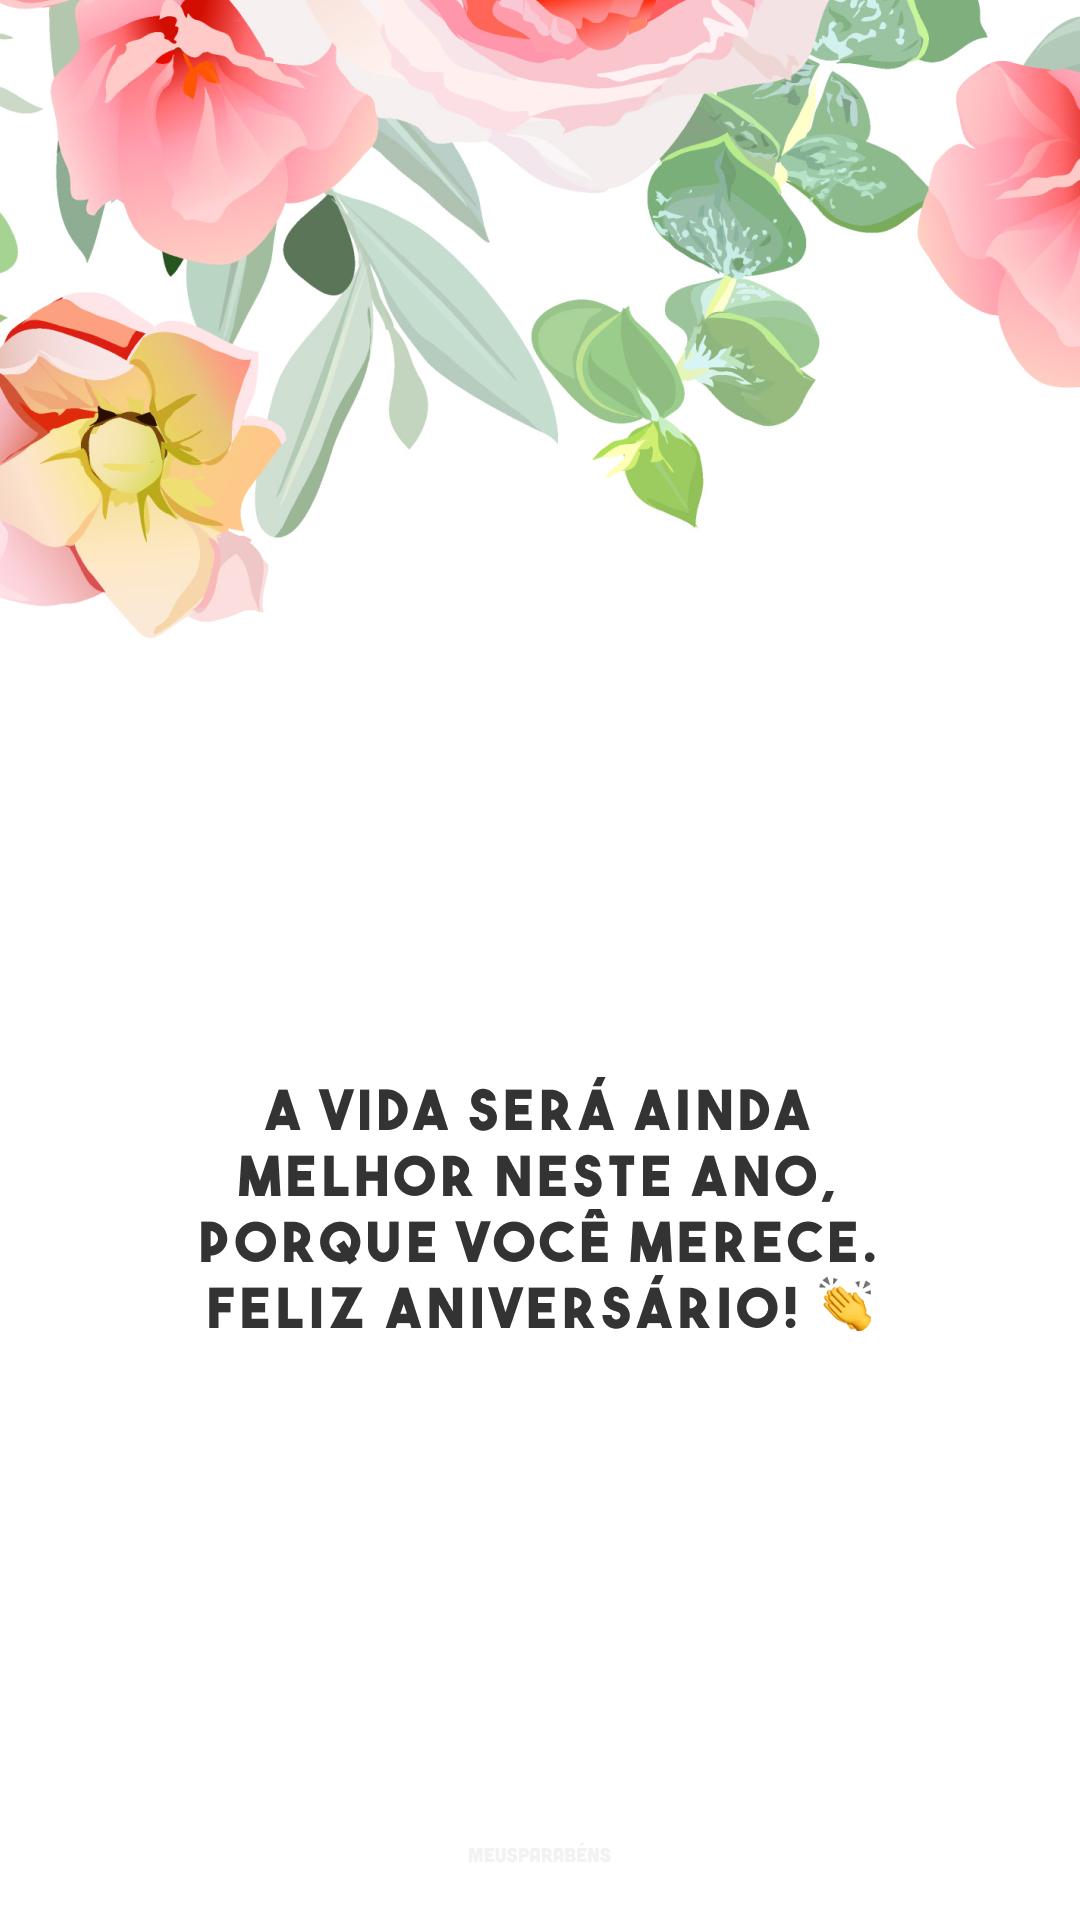 A vida será ainda melhor neste ano, porque você merece. Feliz aniversário! 👏